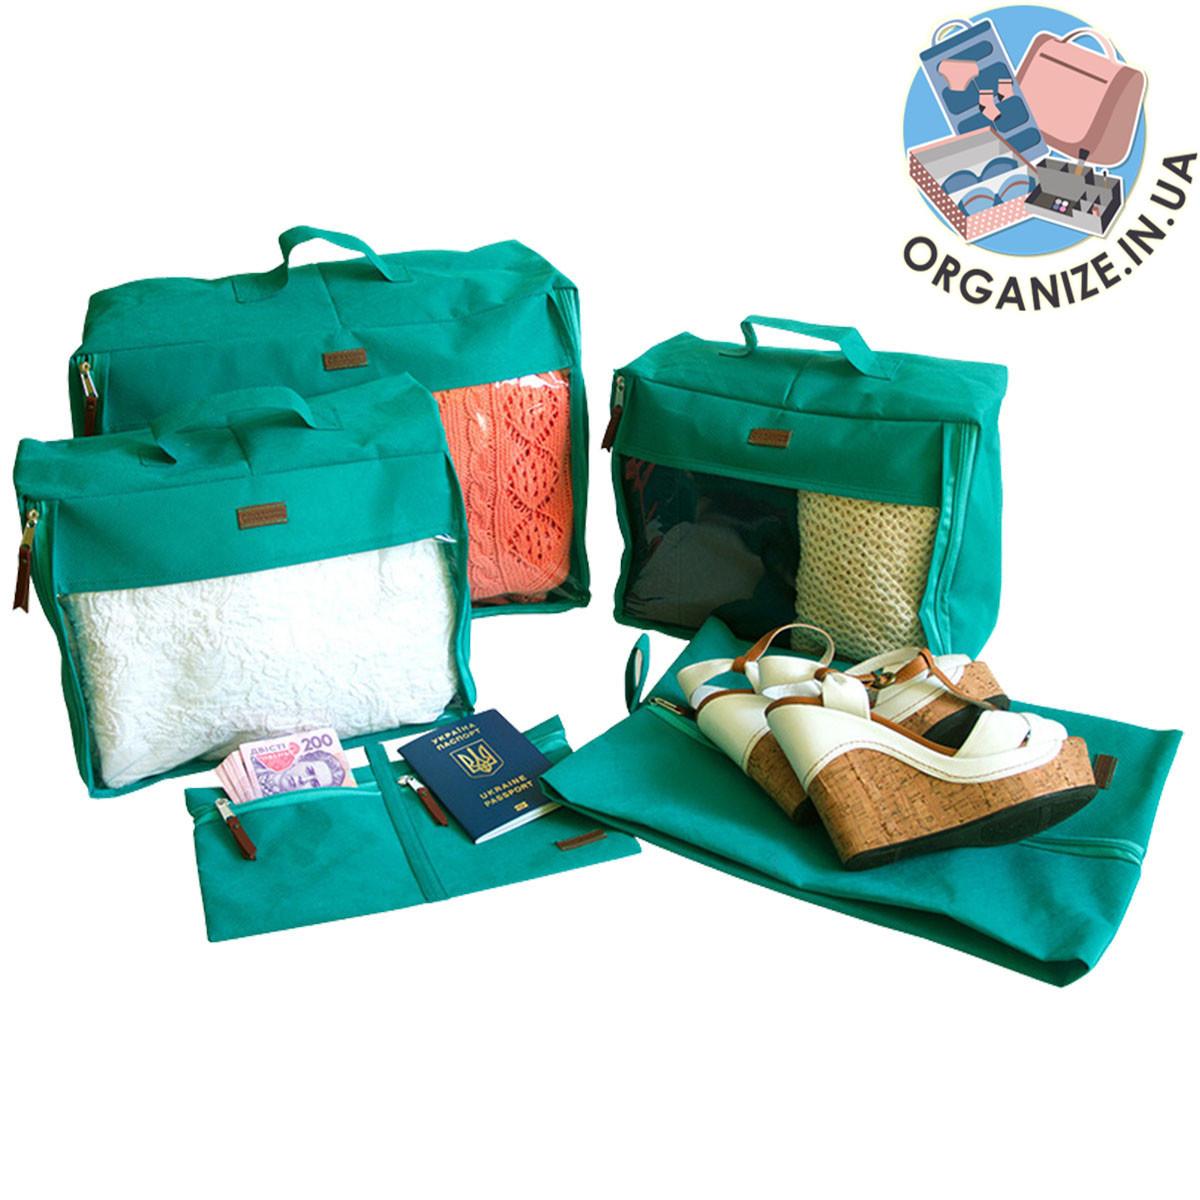 Набор органайзеров для путешествий 5 шт ORGANIZE (лазурь)